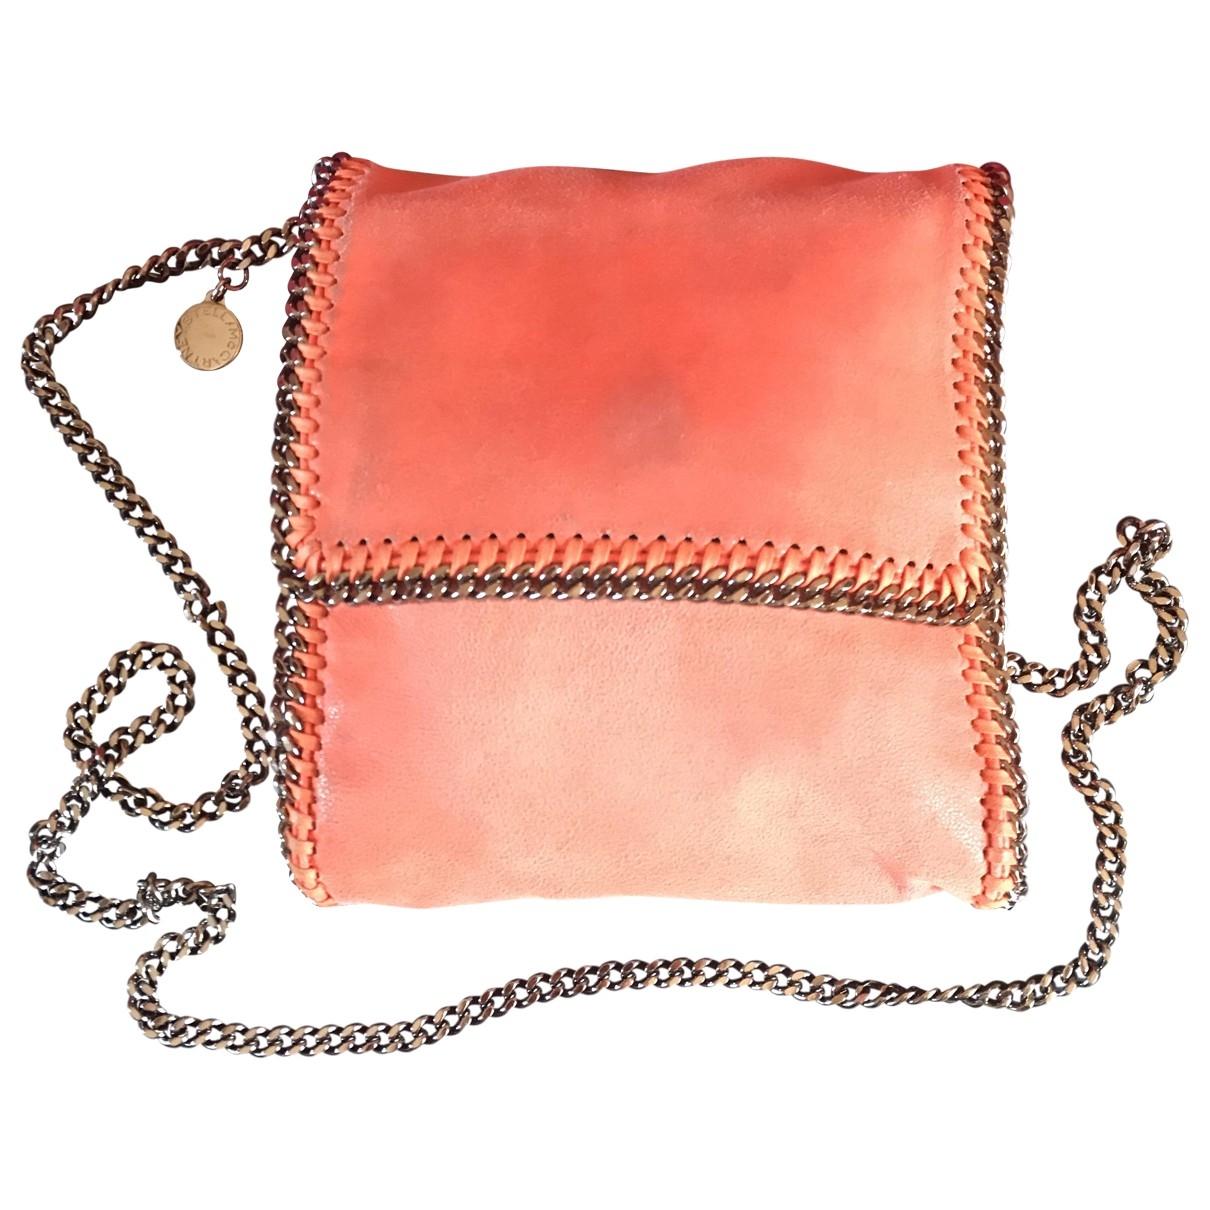 Stella Mccartney \N Orange Clutch bag for Women \N